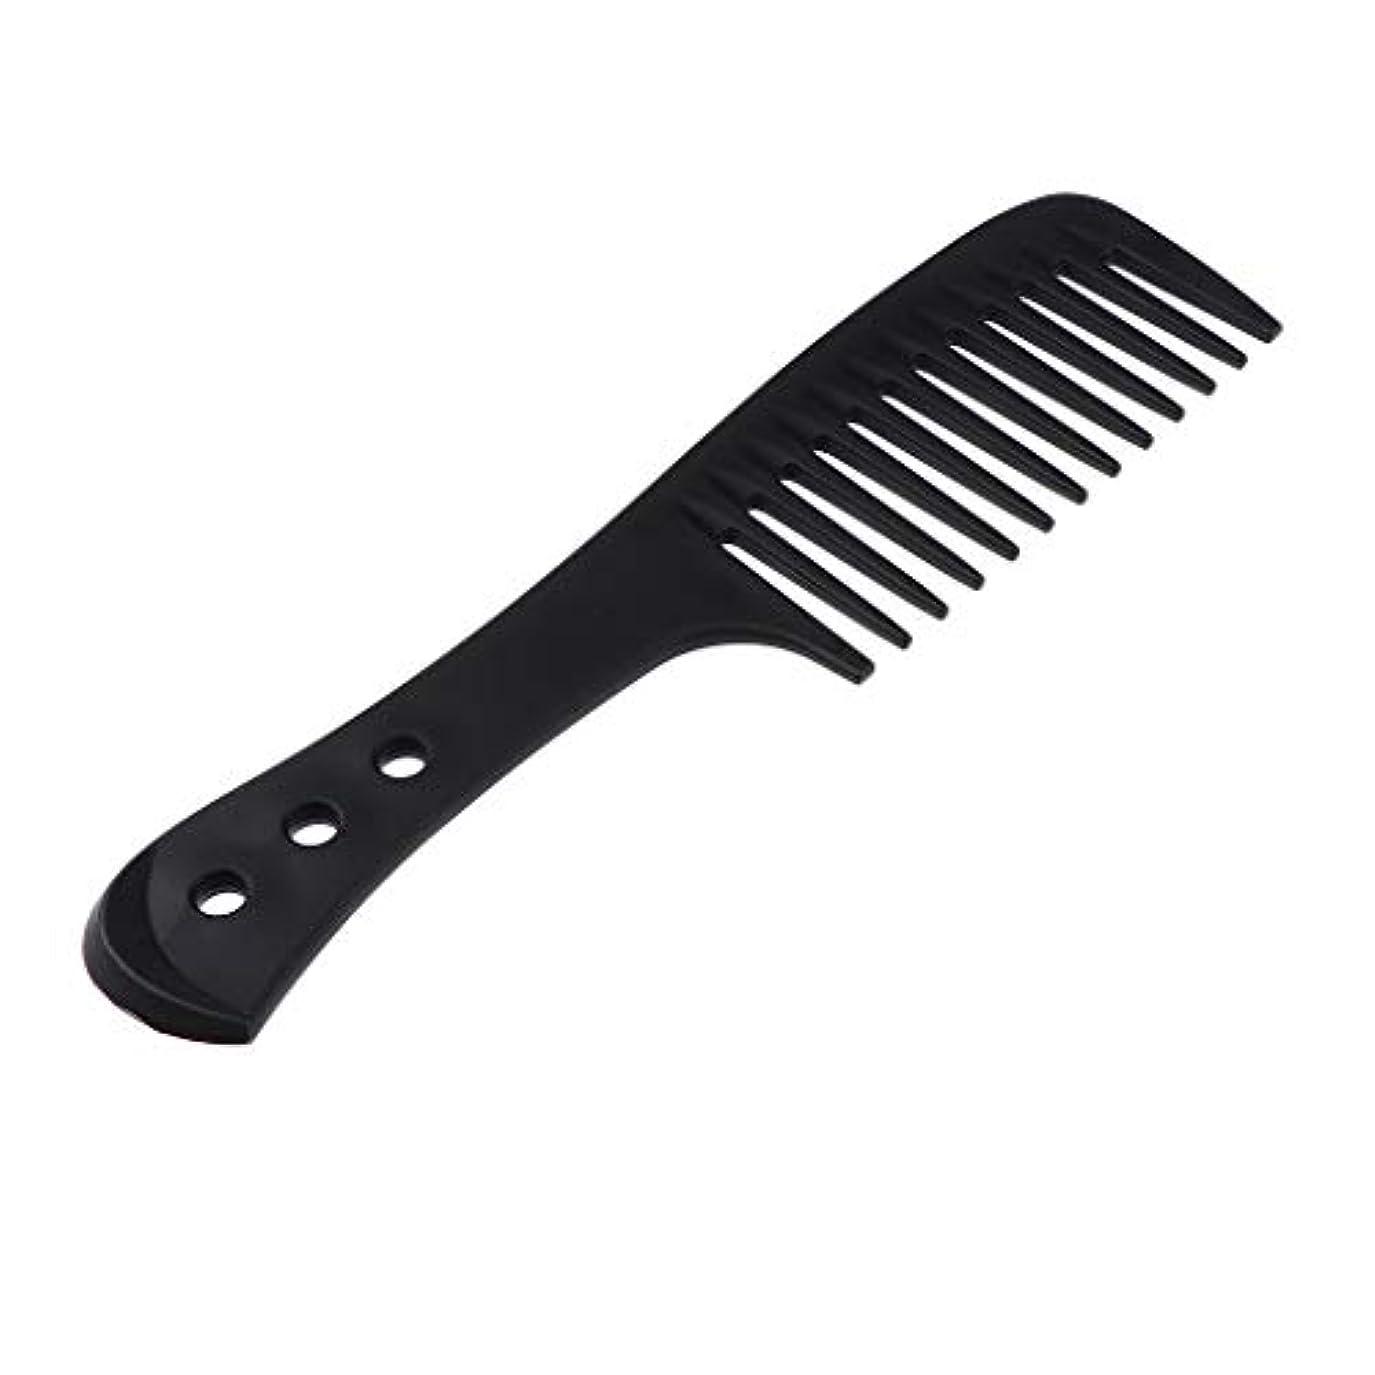 忙しい薄汚い社会T TOOYFUL ワイド歯ブラシ 美容整形 美容整形髪ブラシ 全4色 - ブラック